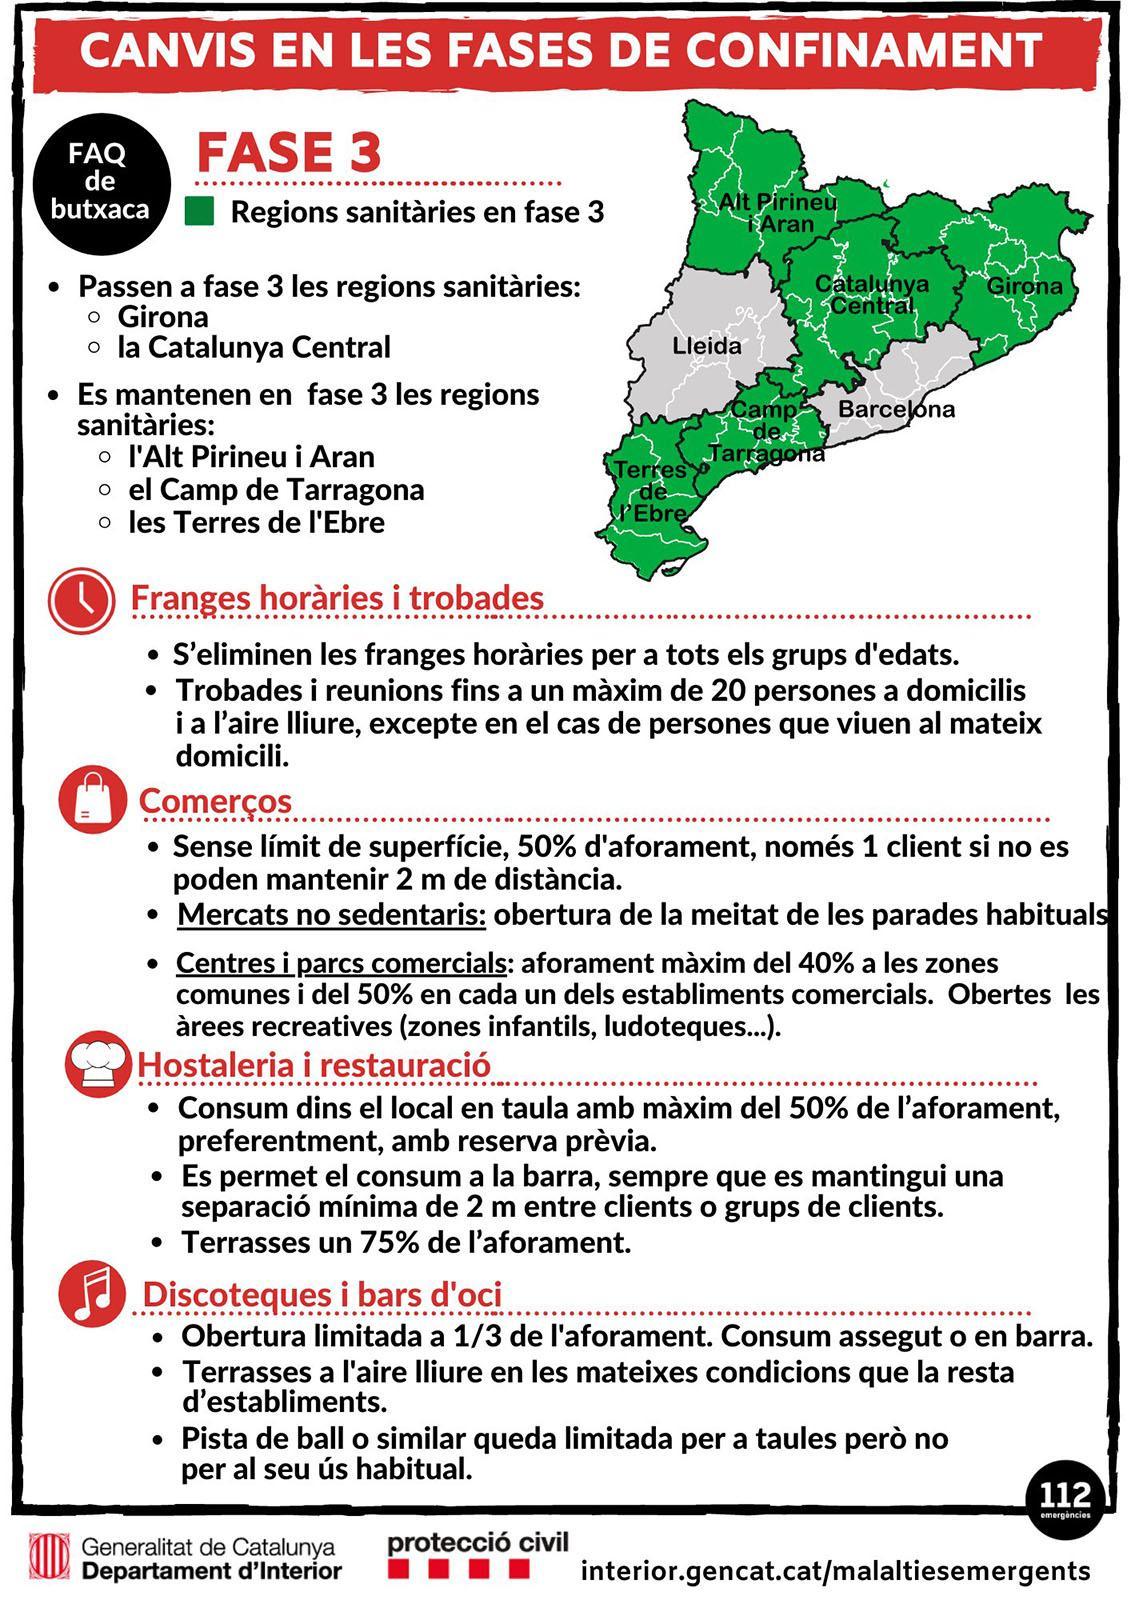 FAQS sobre les restriccions d'activitats a la Fase 3 pel COVID-19 a Catalunya